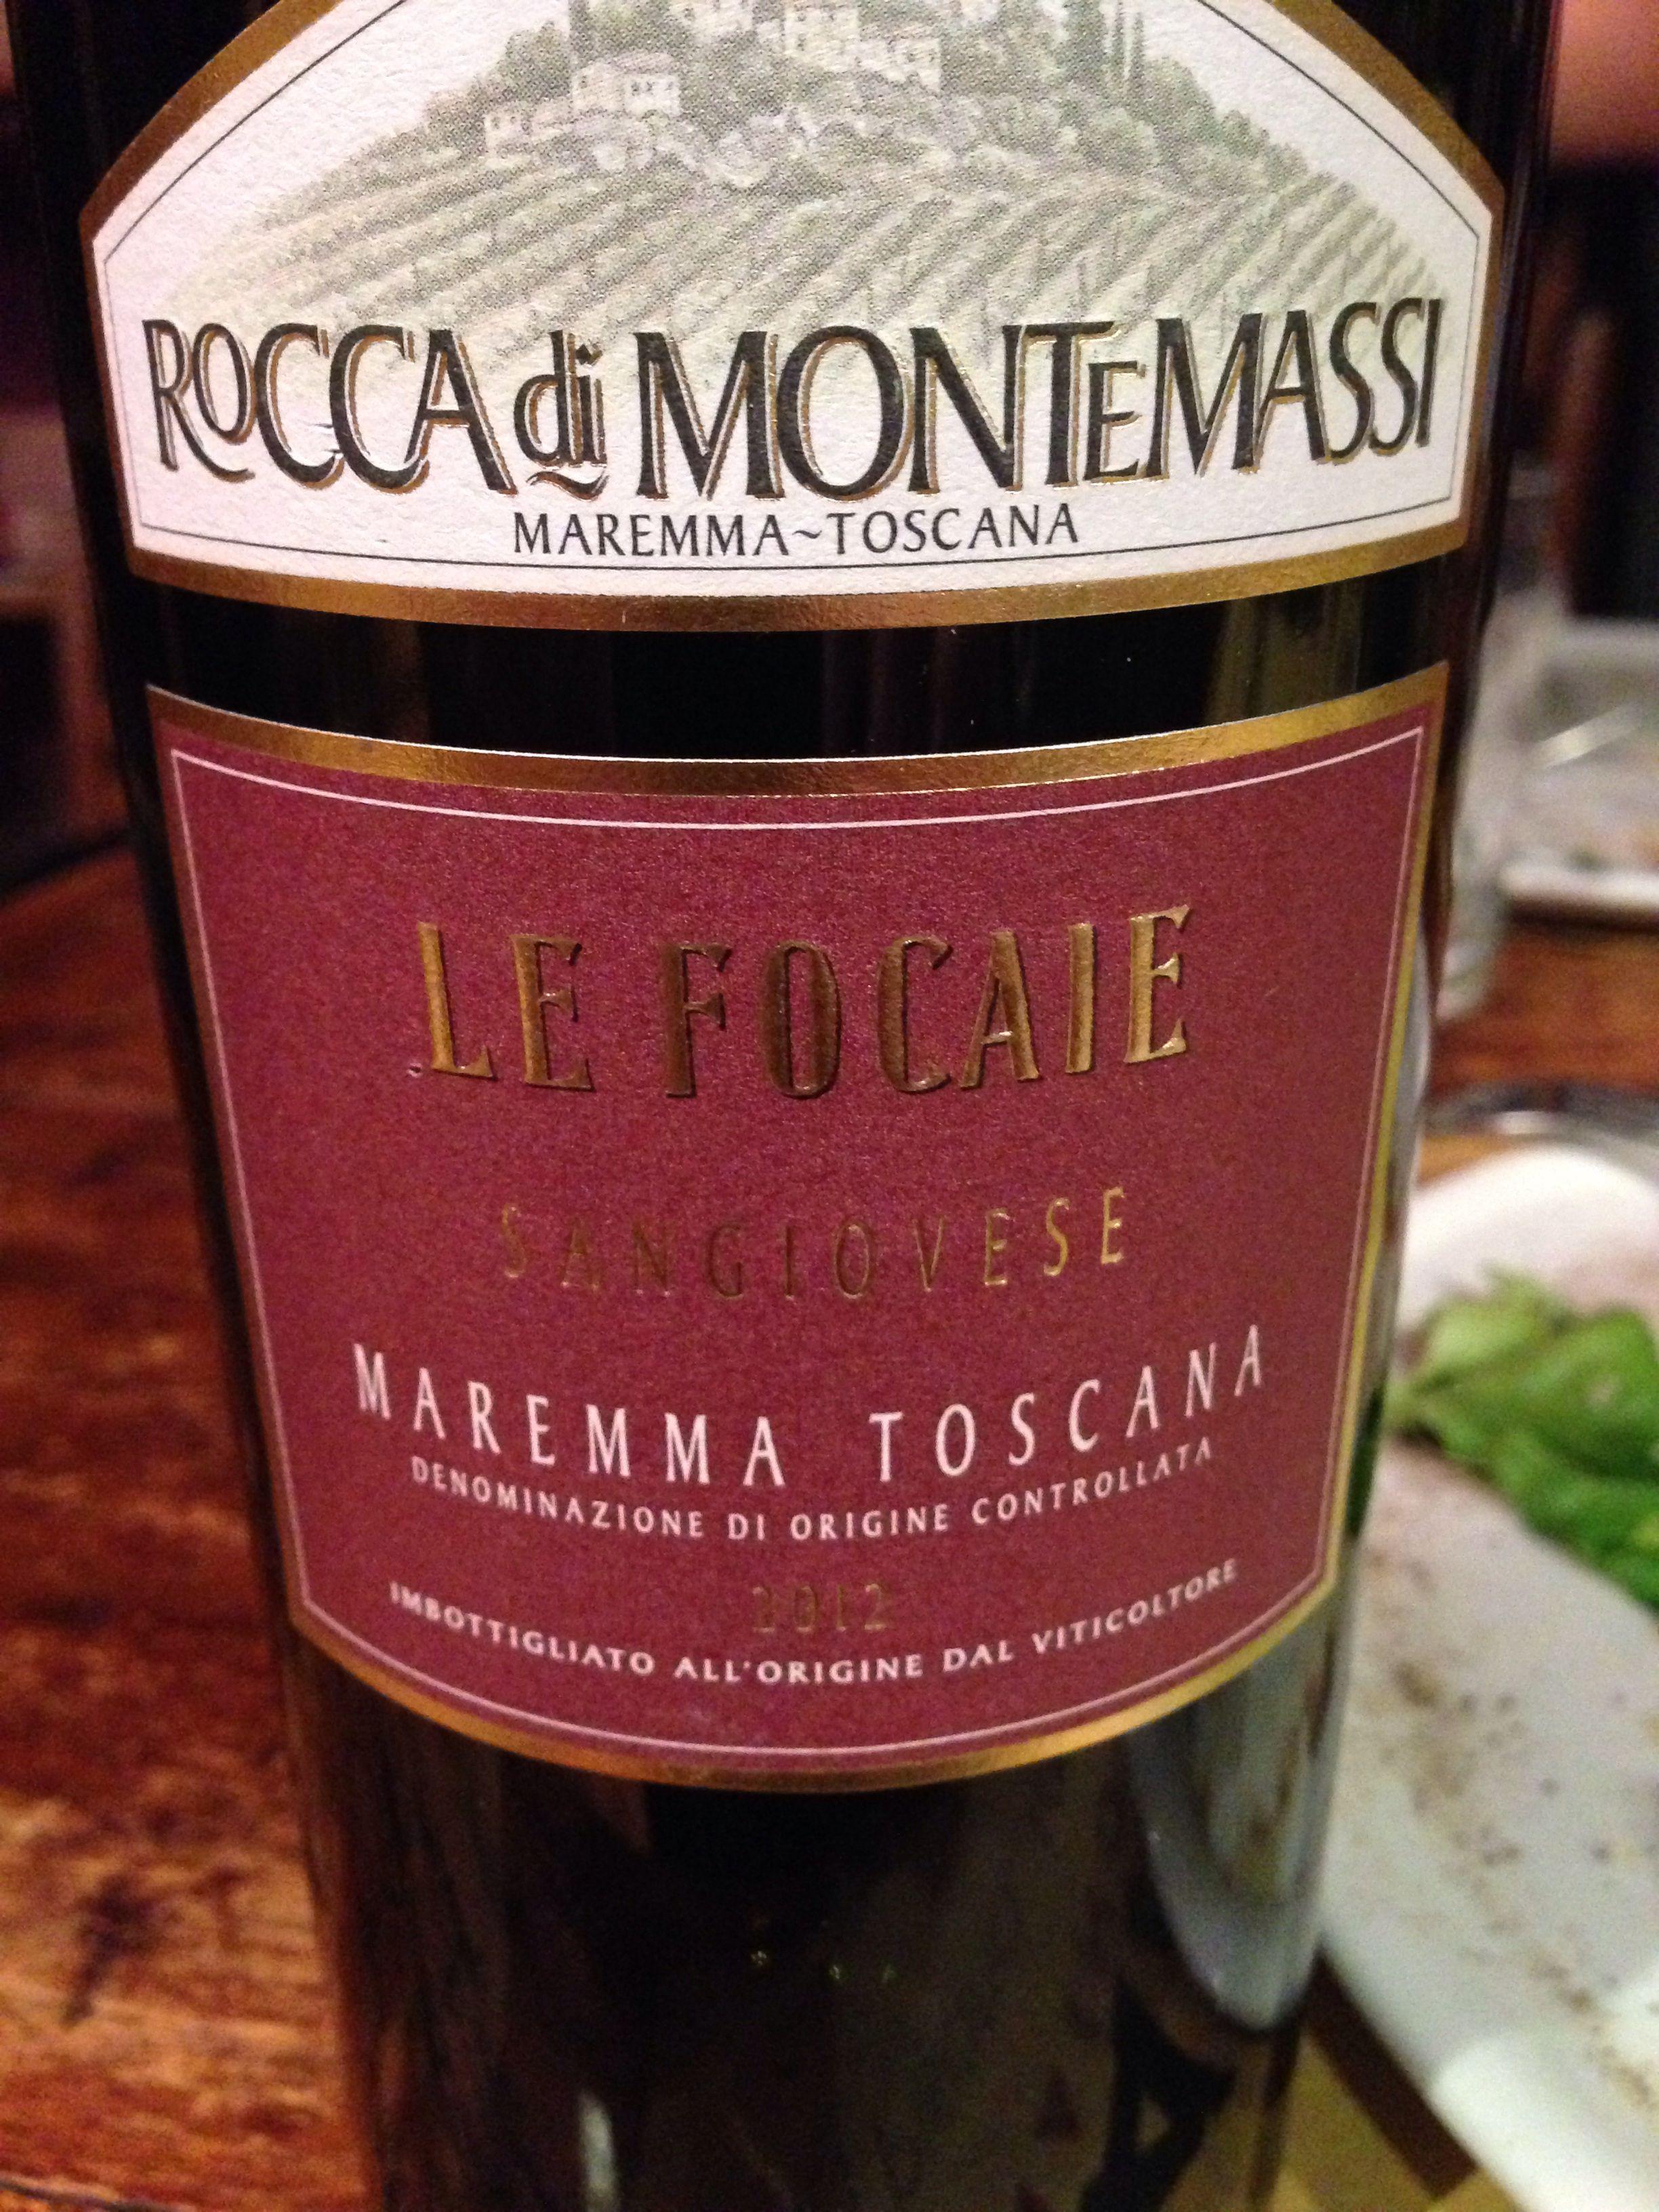 Le Focaie Sangiovese Maremma Toscana Sarap